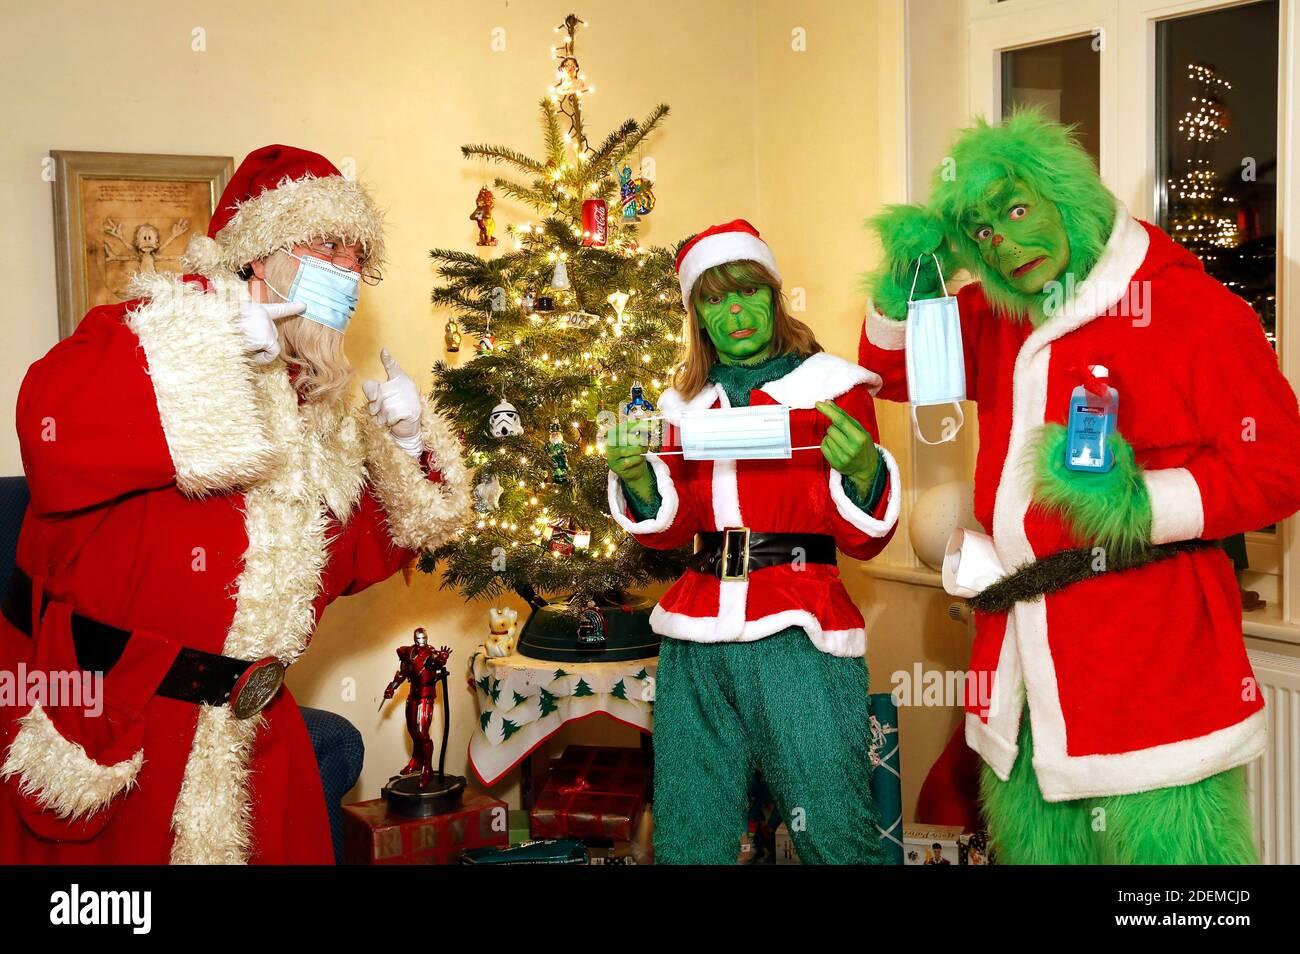 Der Weihnachtsmann versucht dem Grinch und Frau Grinch zu erklären, wie man eine Schutzmaske trägt. GEEK ART - Bodypainting und Transformaking: 'Der Grinch stiehlt Weihnachten' Fotoshooting mit Enrico Lein als Grinch, Maria Skupin als Frau Grinch und Fabian Zesiger als Weihnachtsmann in der Villa Czarnecki. In Hameln am 30. November 2020 - EIN Projekt des Fotografen Tschiponnique Skupin und des Bodypainters Enrico Lein Stockfoto